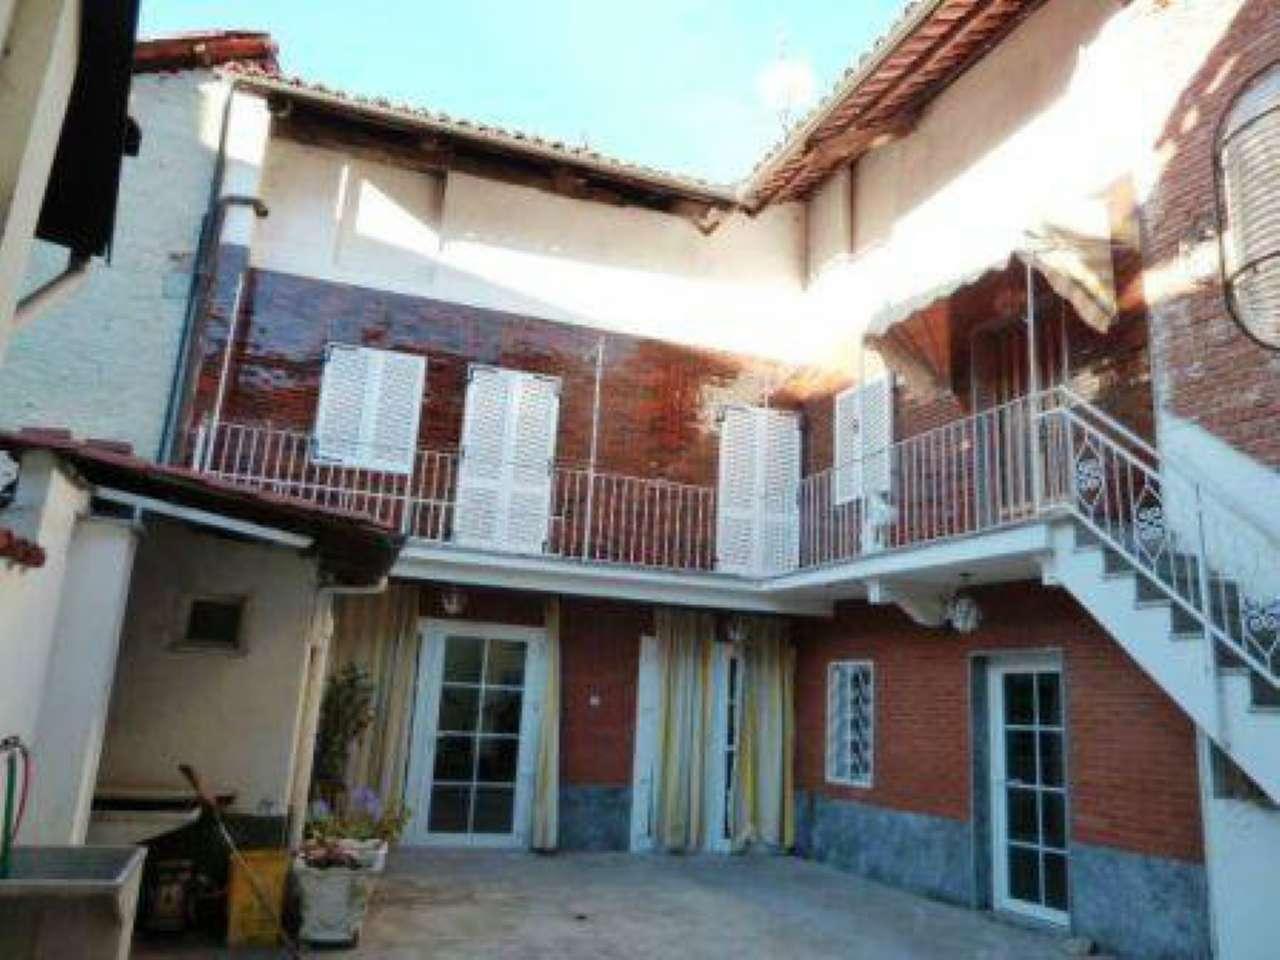 Soluzione Semindipendente in vendita a San Giorgio Canavese, 6 locali, prezzo € 65.000 | CambioCasa.it